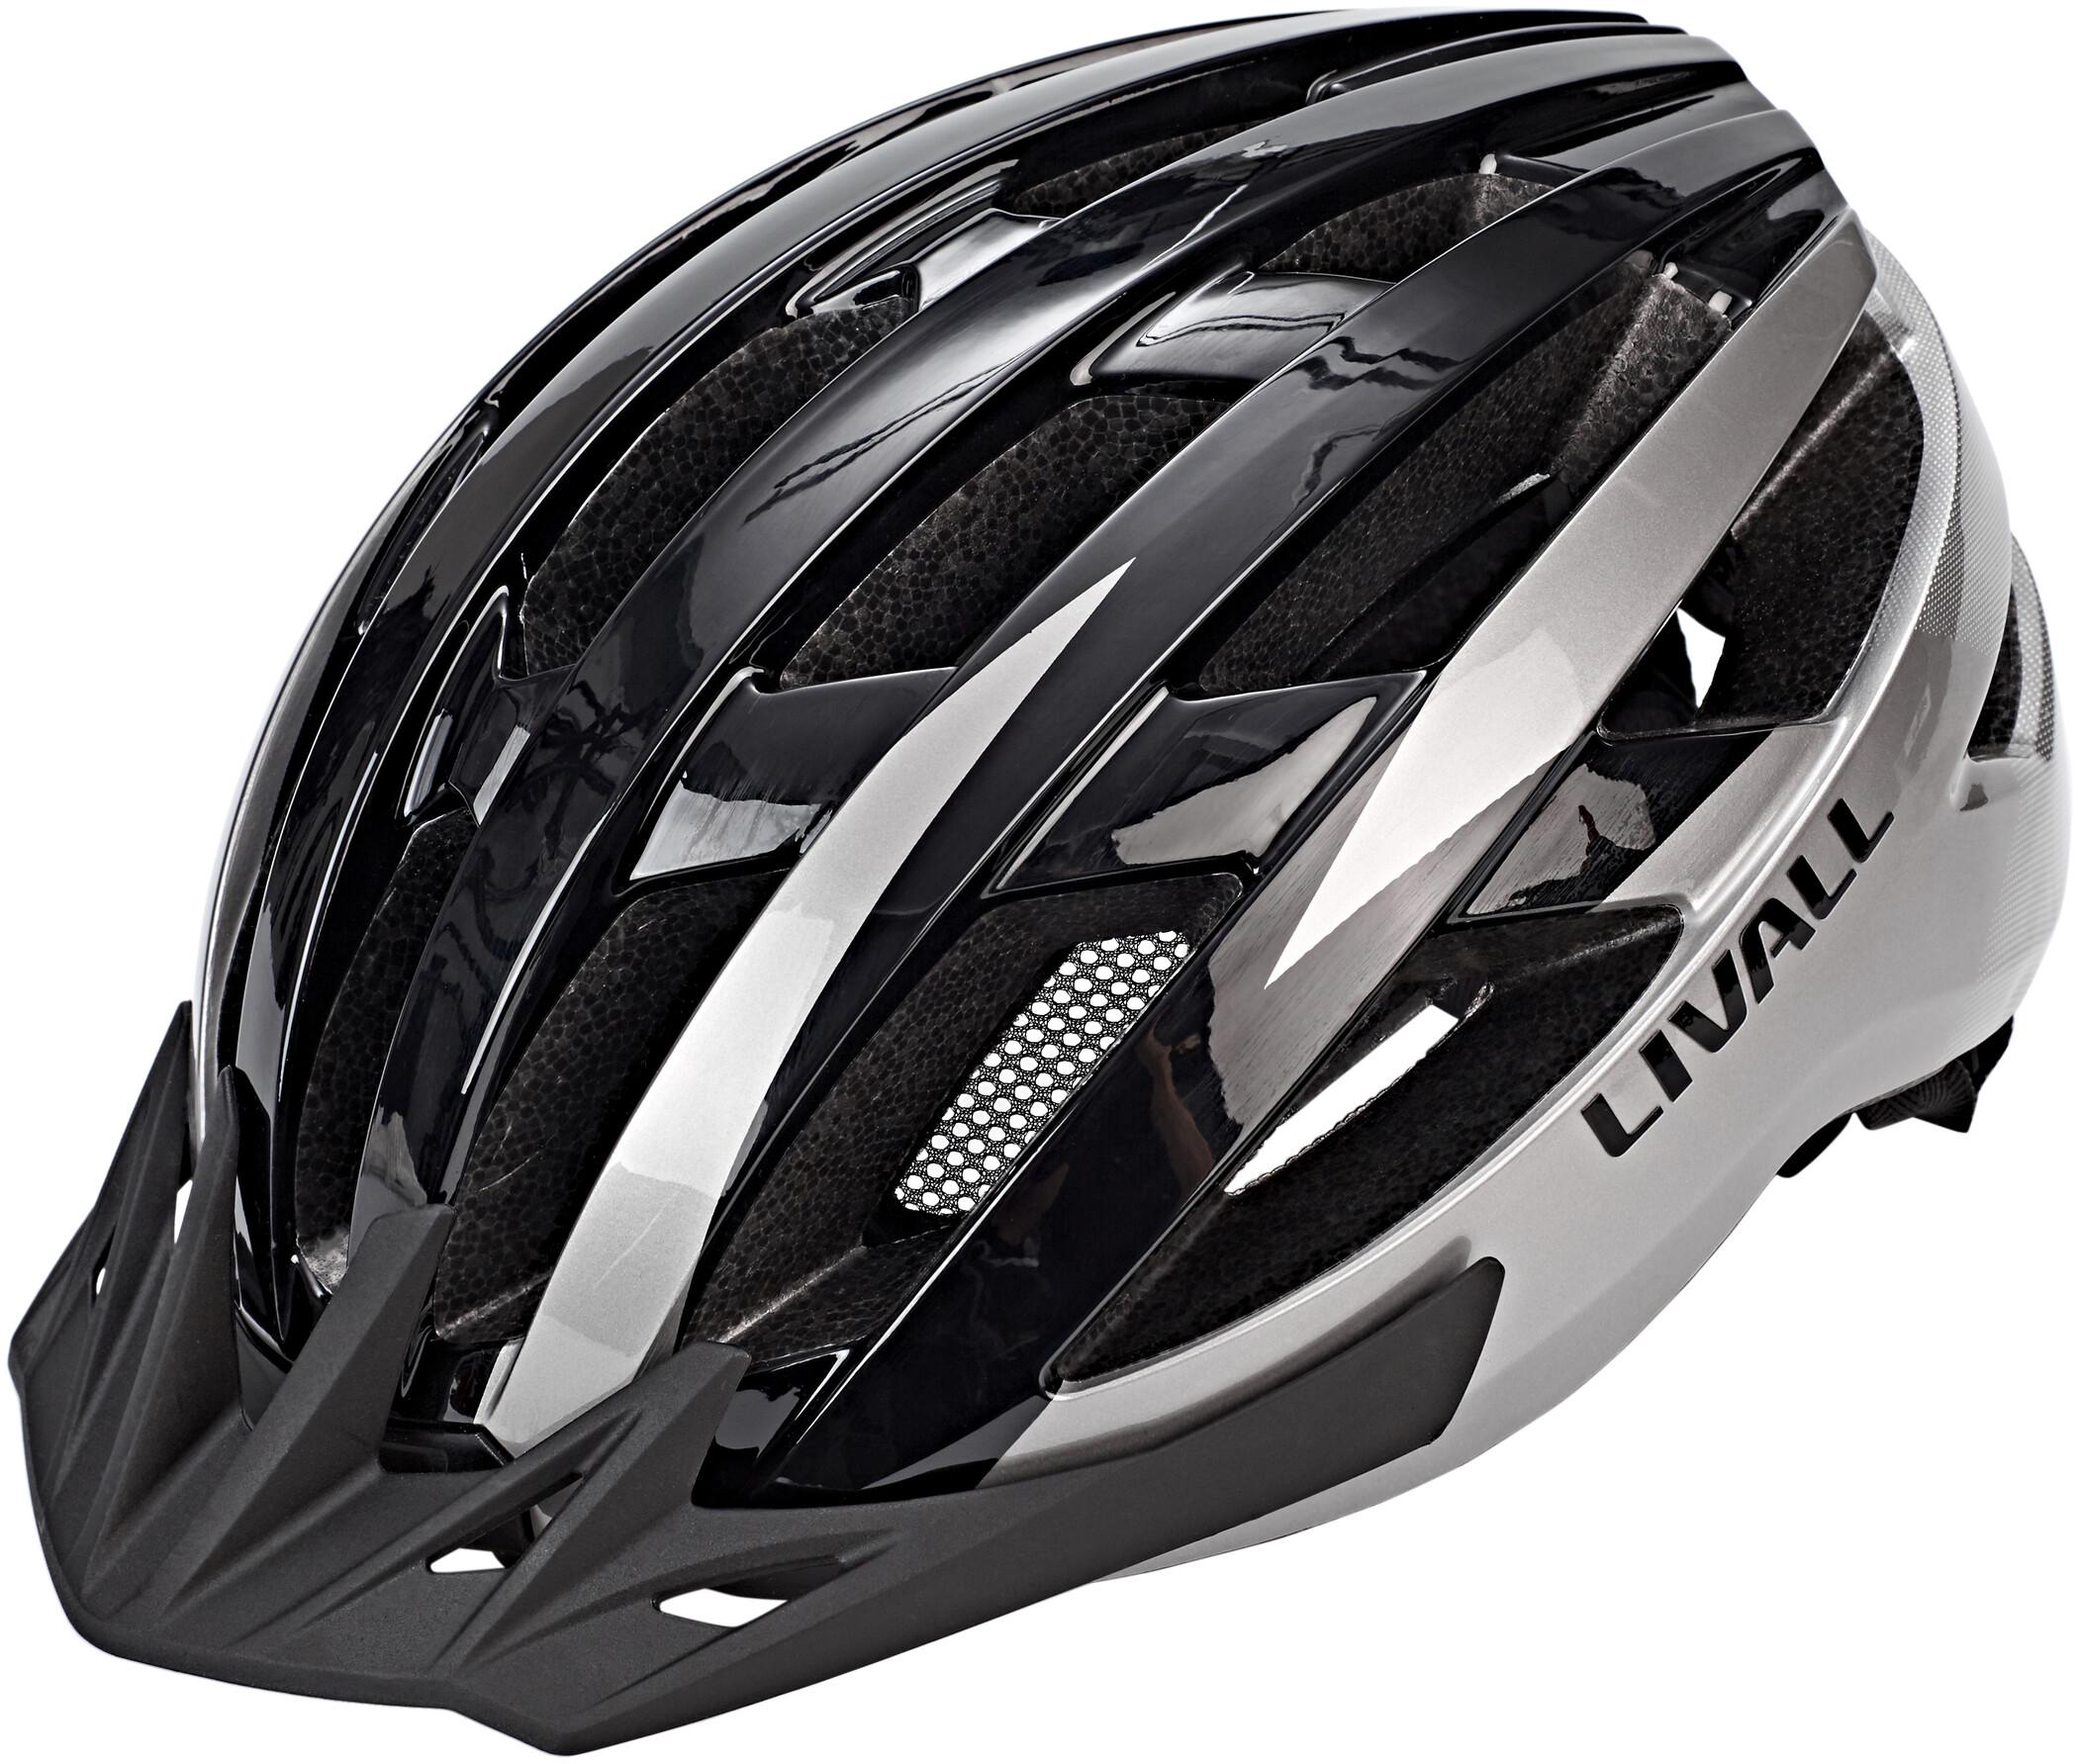 LIVALL MT1 Hjelm inkl. BR80, black/anthracite (2020) | Helmets